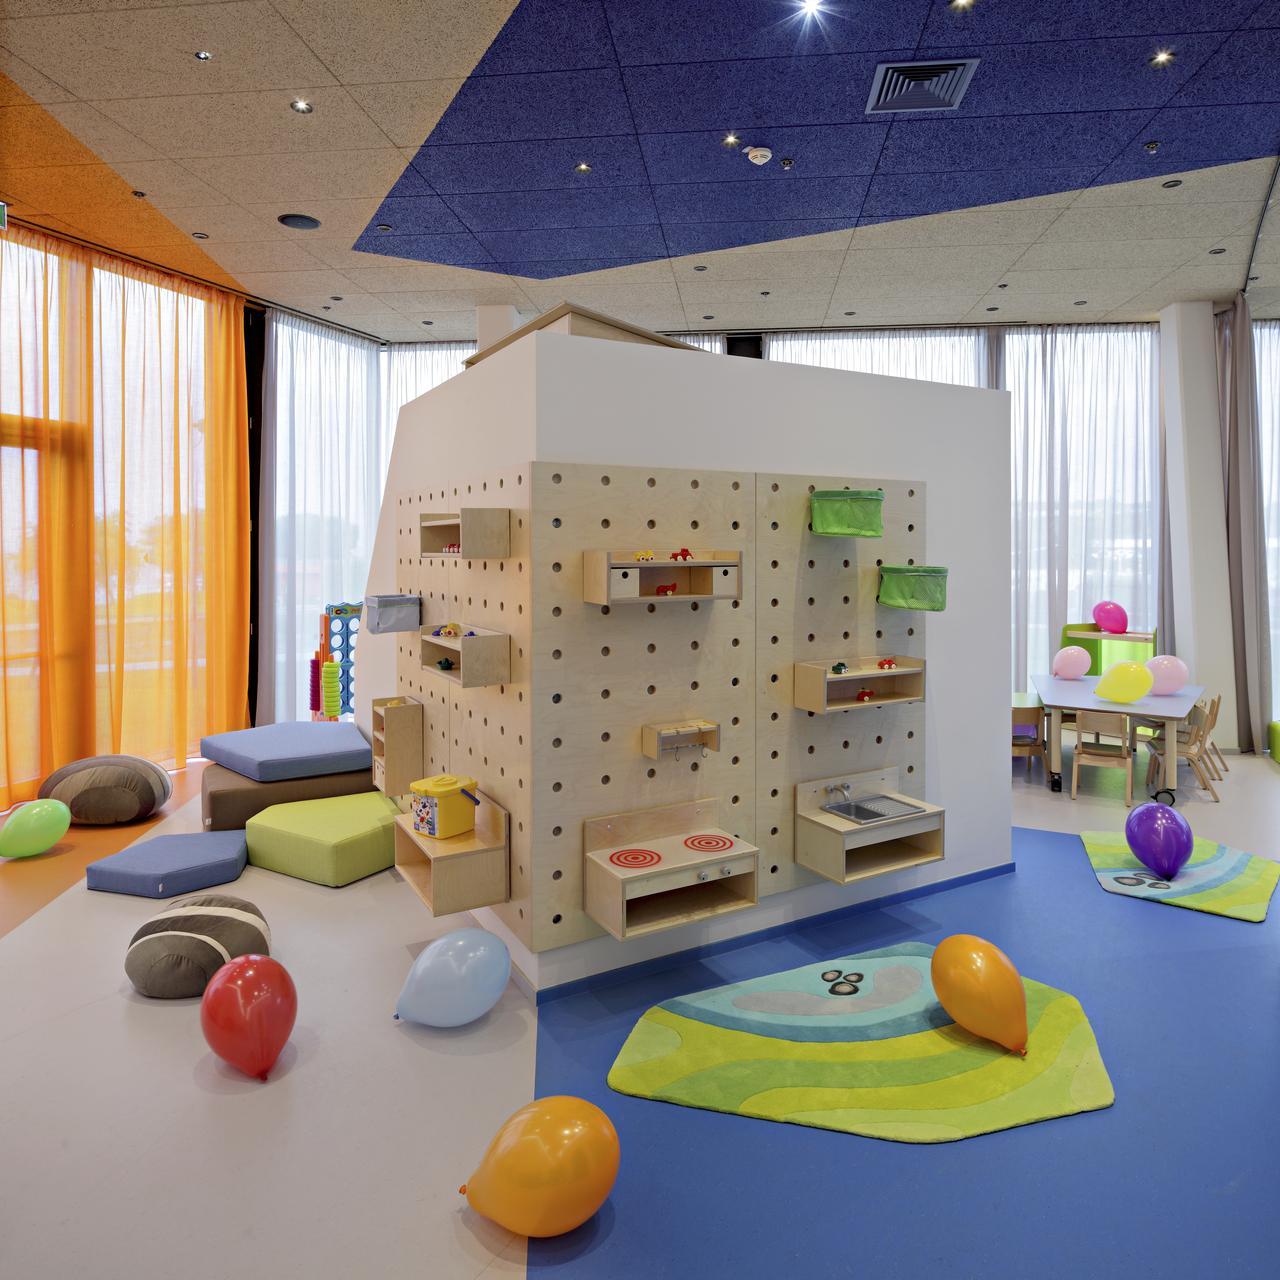 Дизайн интерьера игровой комнаты на мансардном этаже: фото #0030 Дизайн интерьера игровой комнаты на мансарде 100+ фото